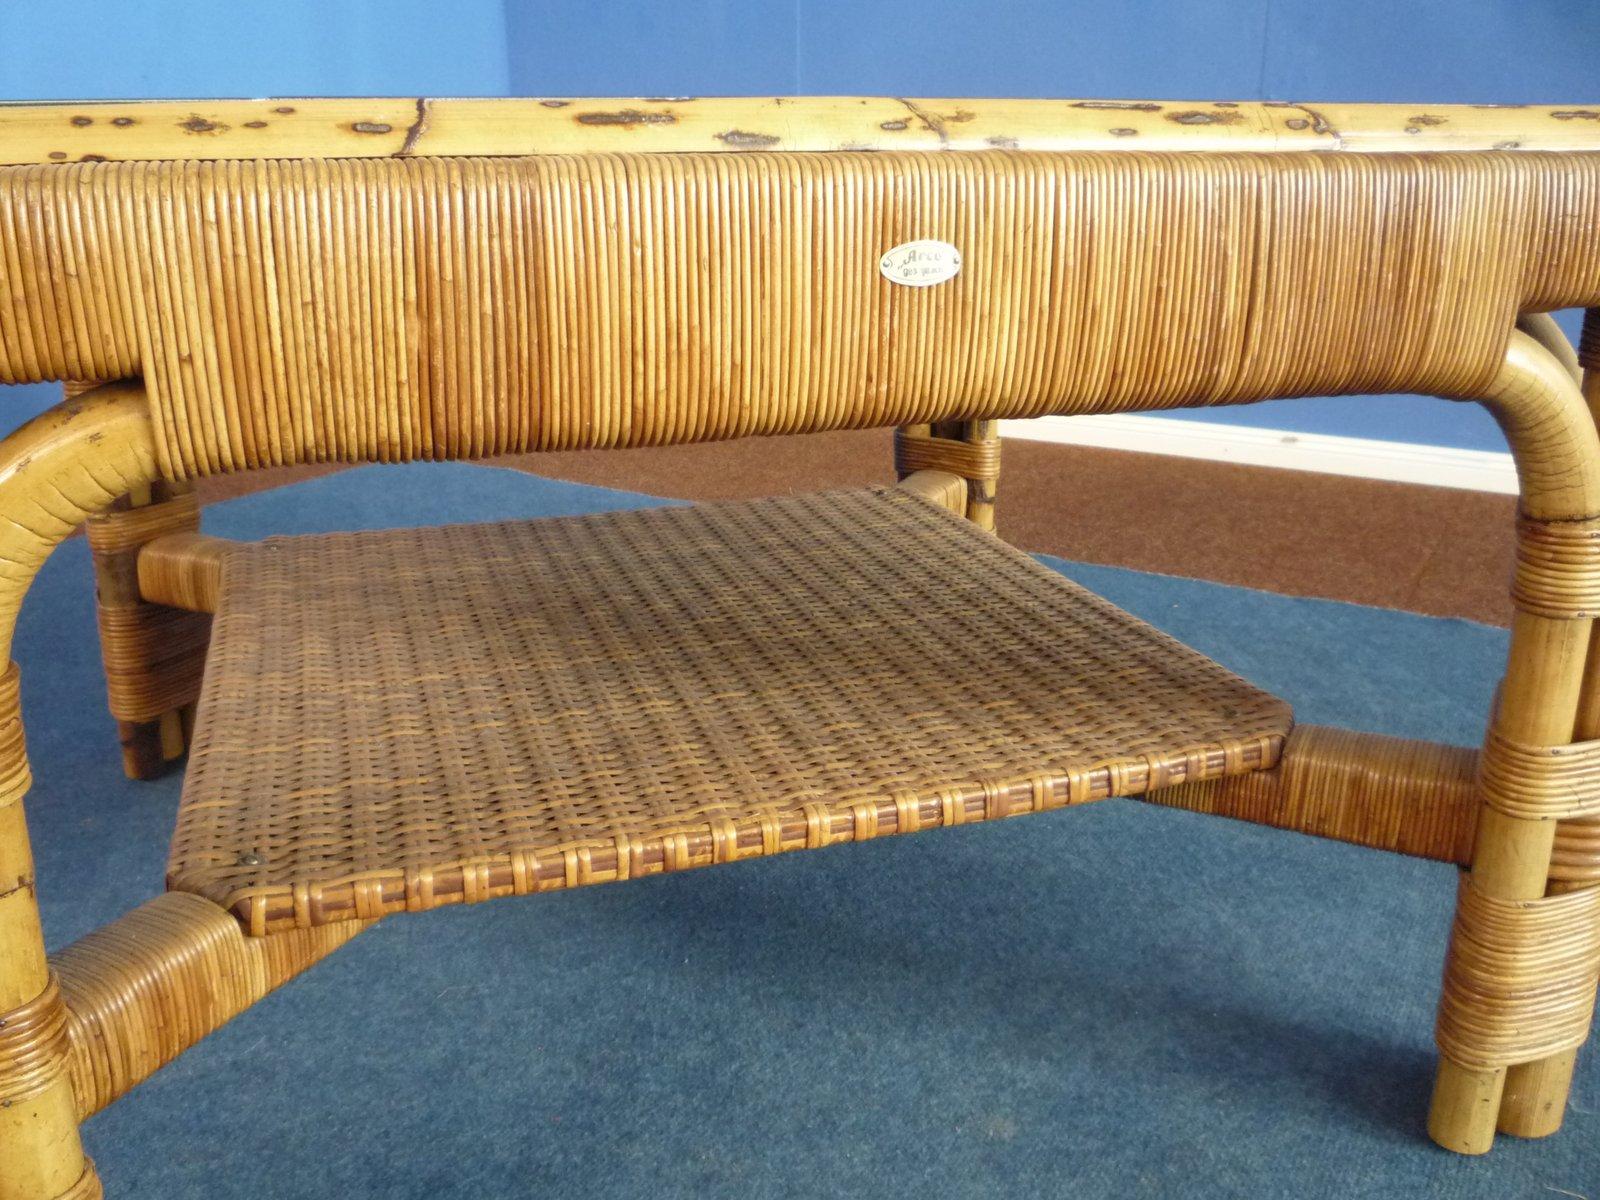 Couchtisch aus rattan bambus keramik von arco 1940er - Couchtisch bambus ...